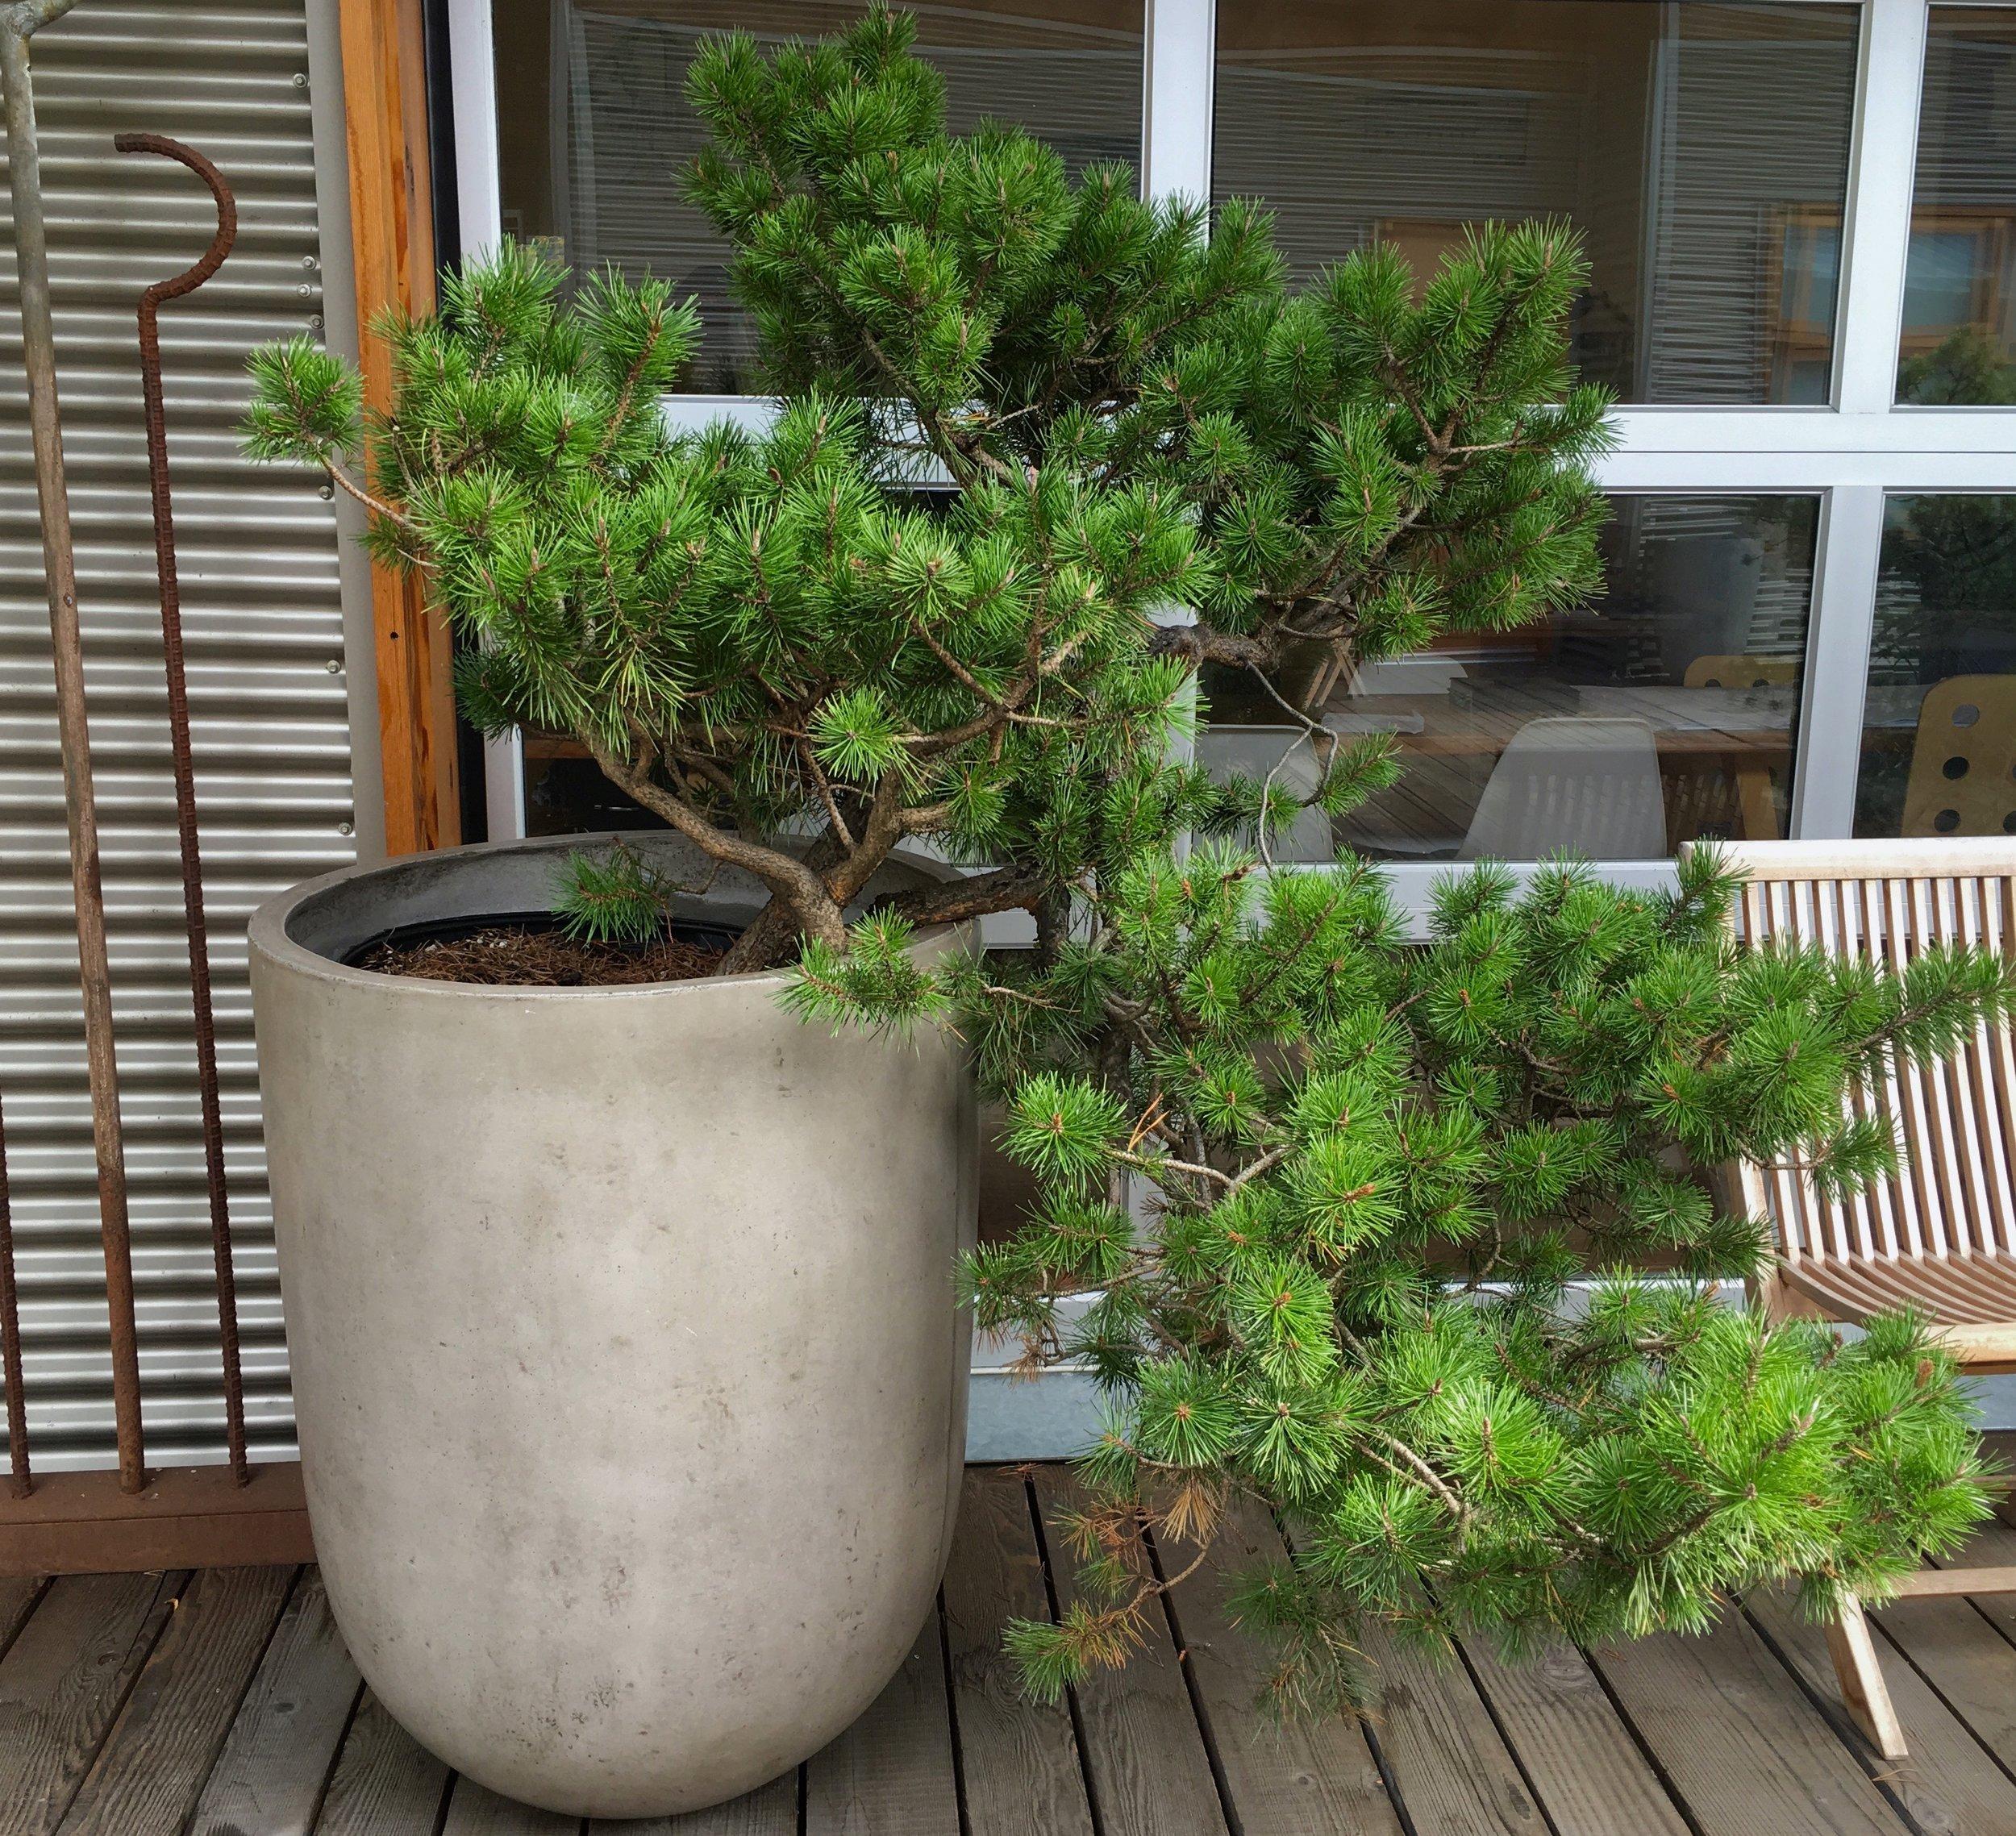 Copy of Evergreen Bonsai in Concrete Planter